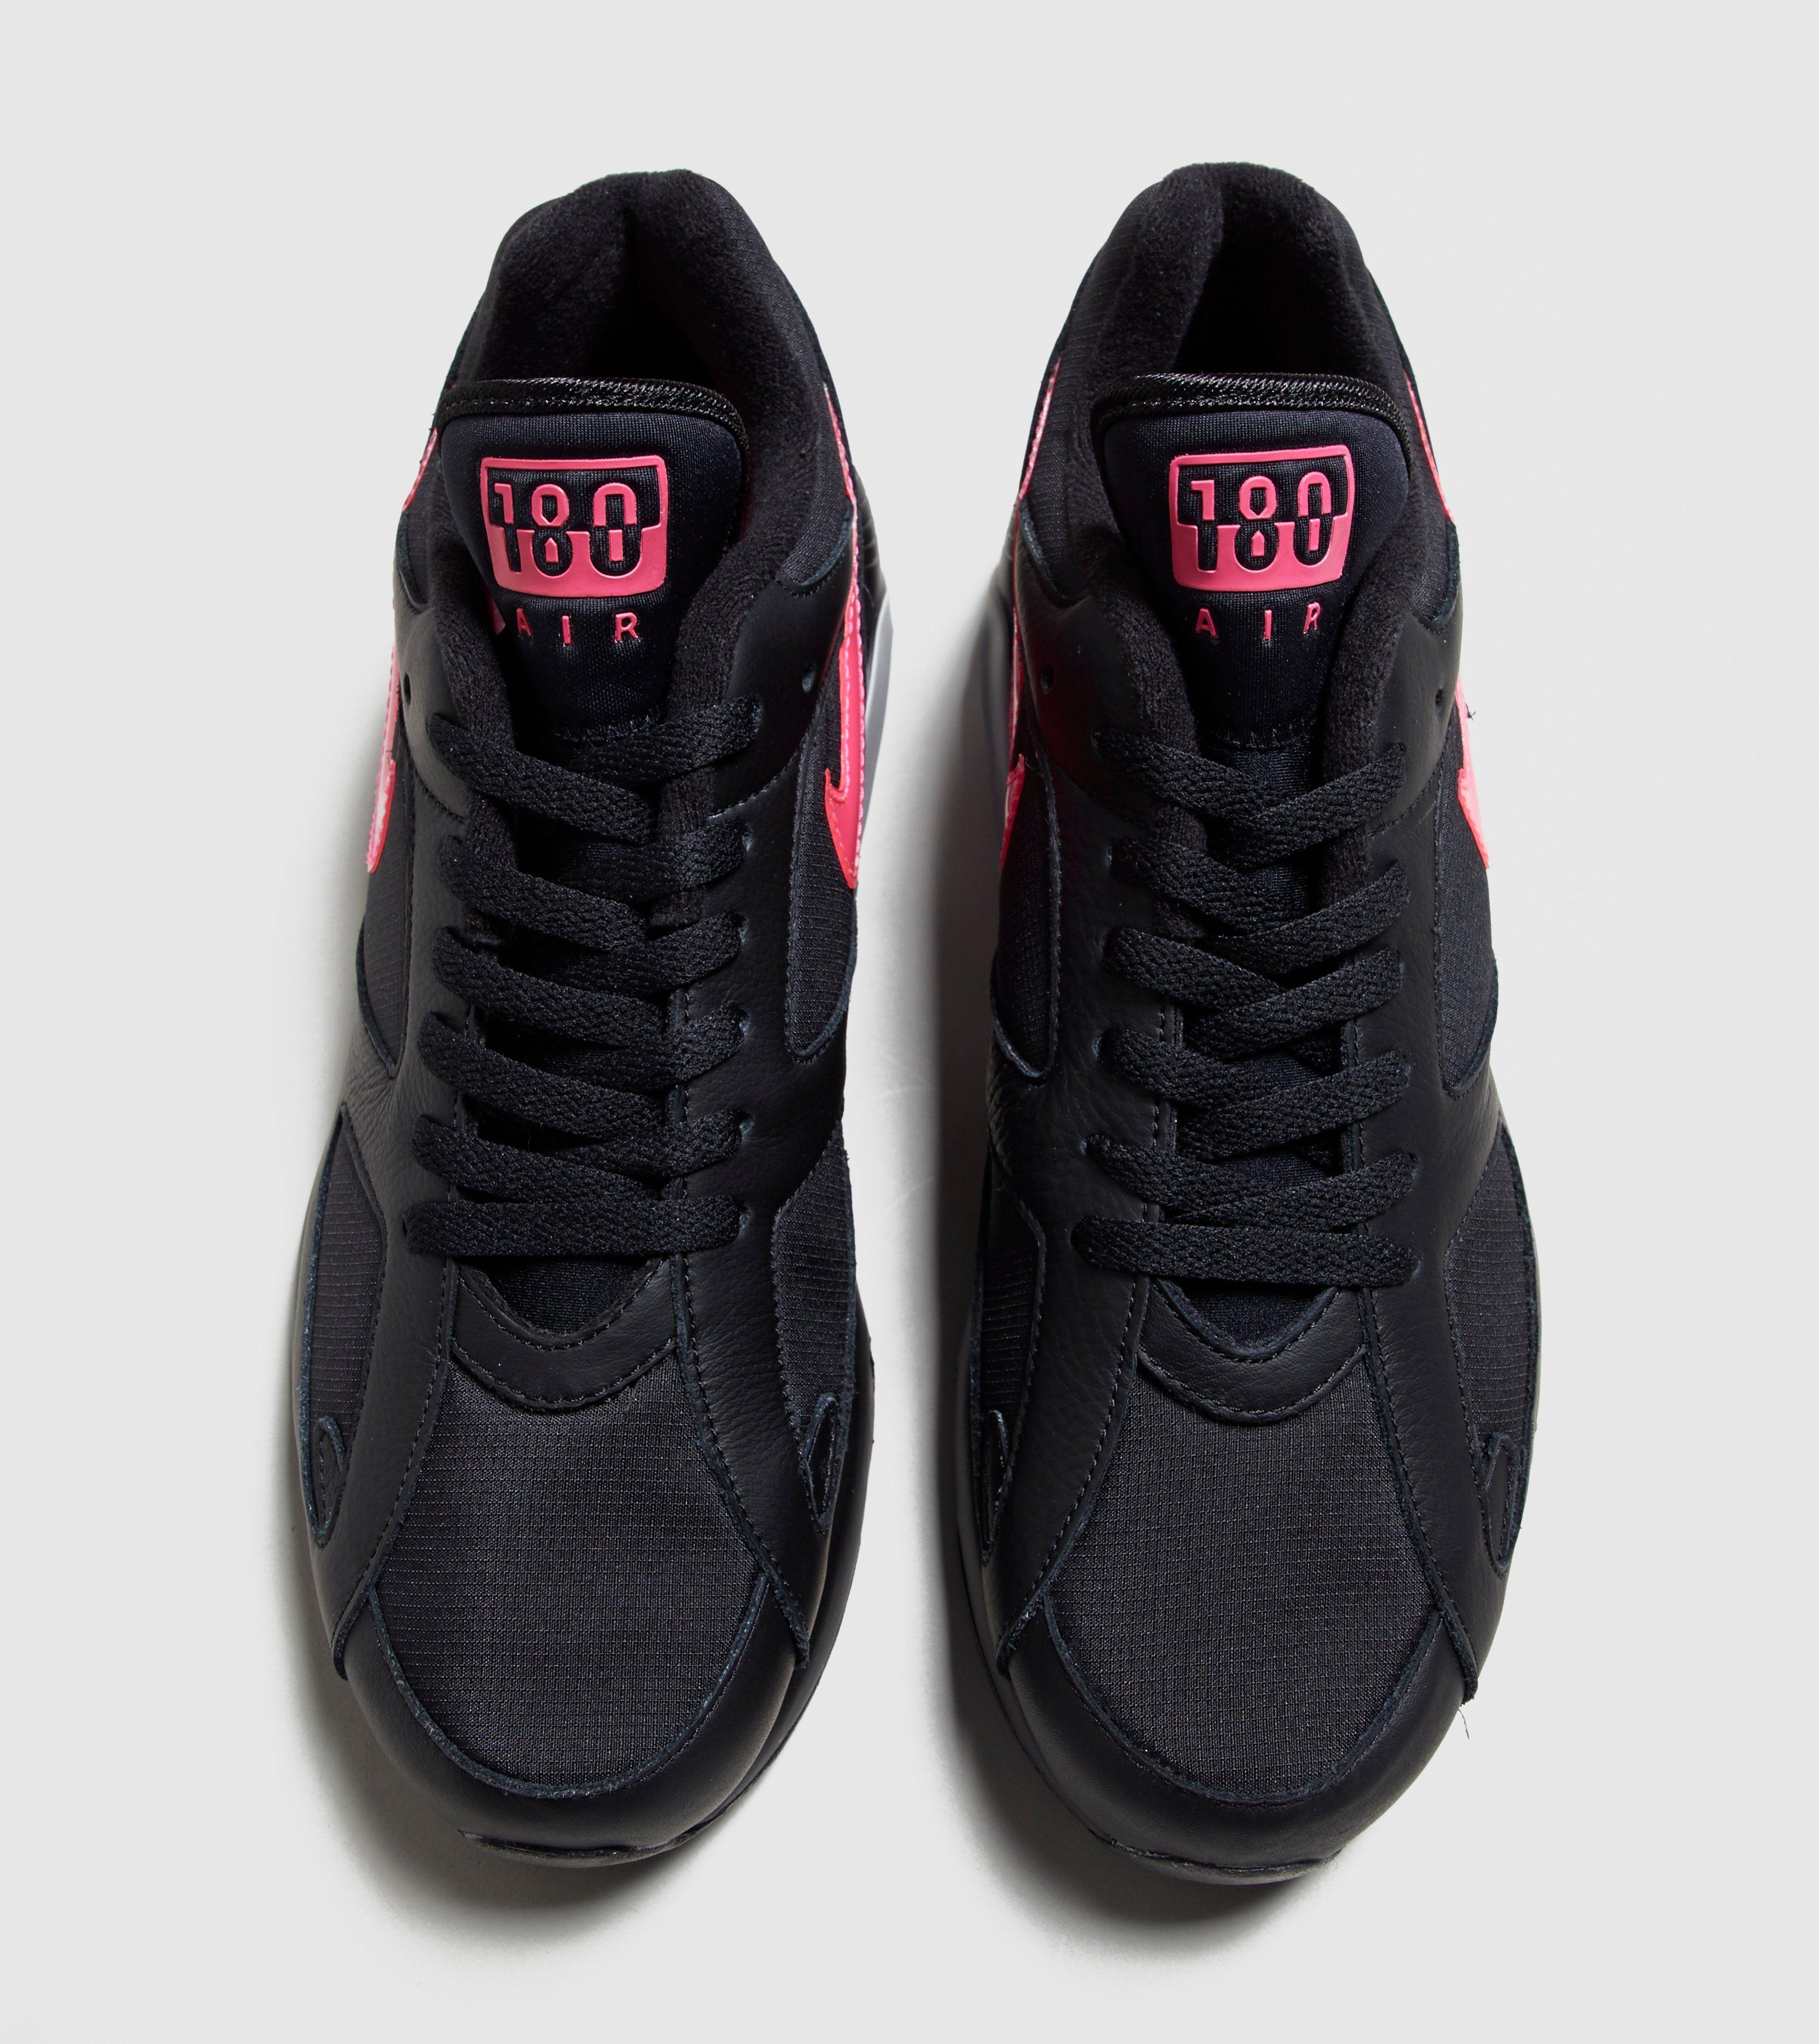 Nike Air Max 180 Vaporwave